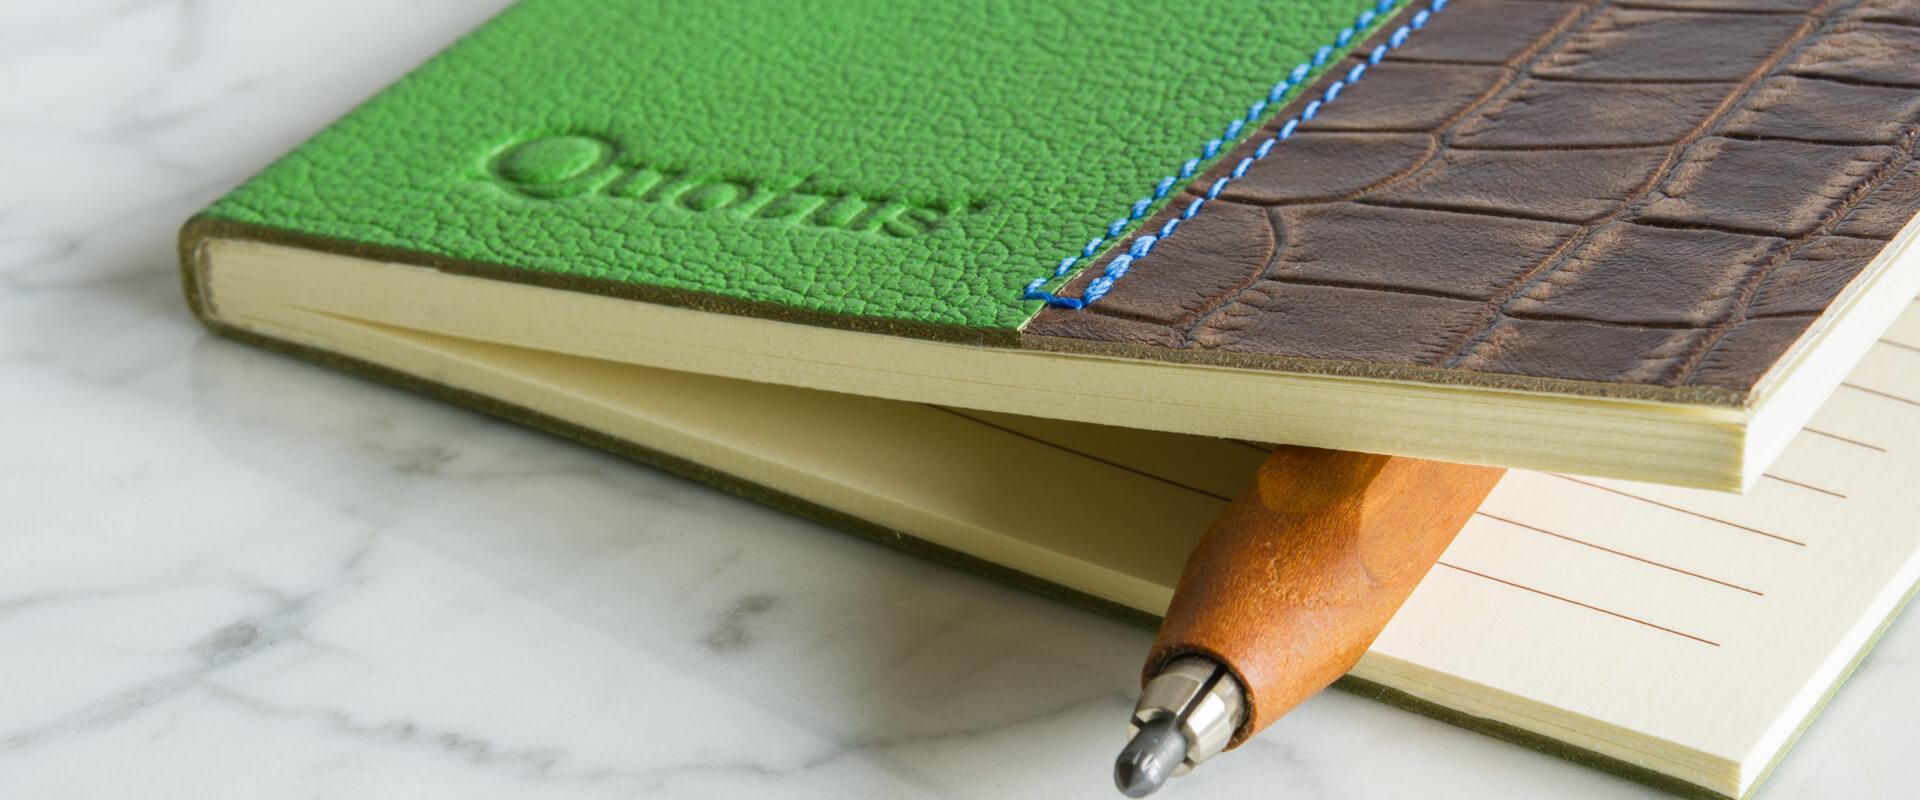 quadernetto con fogli di carta vergata color avorio